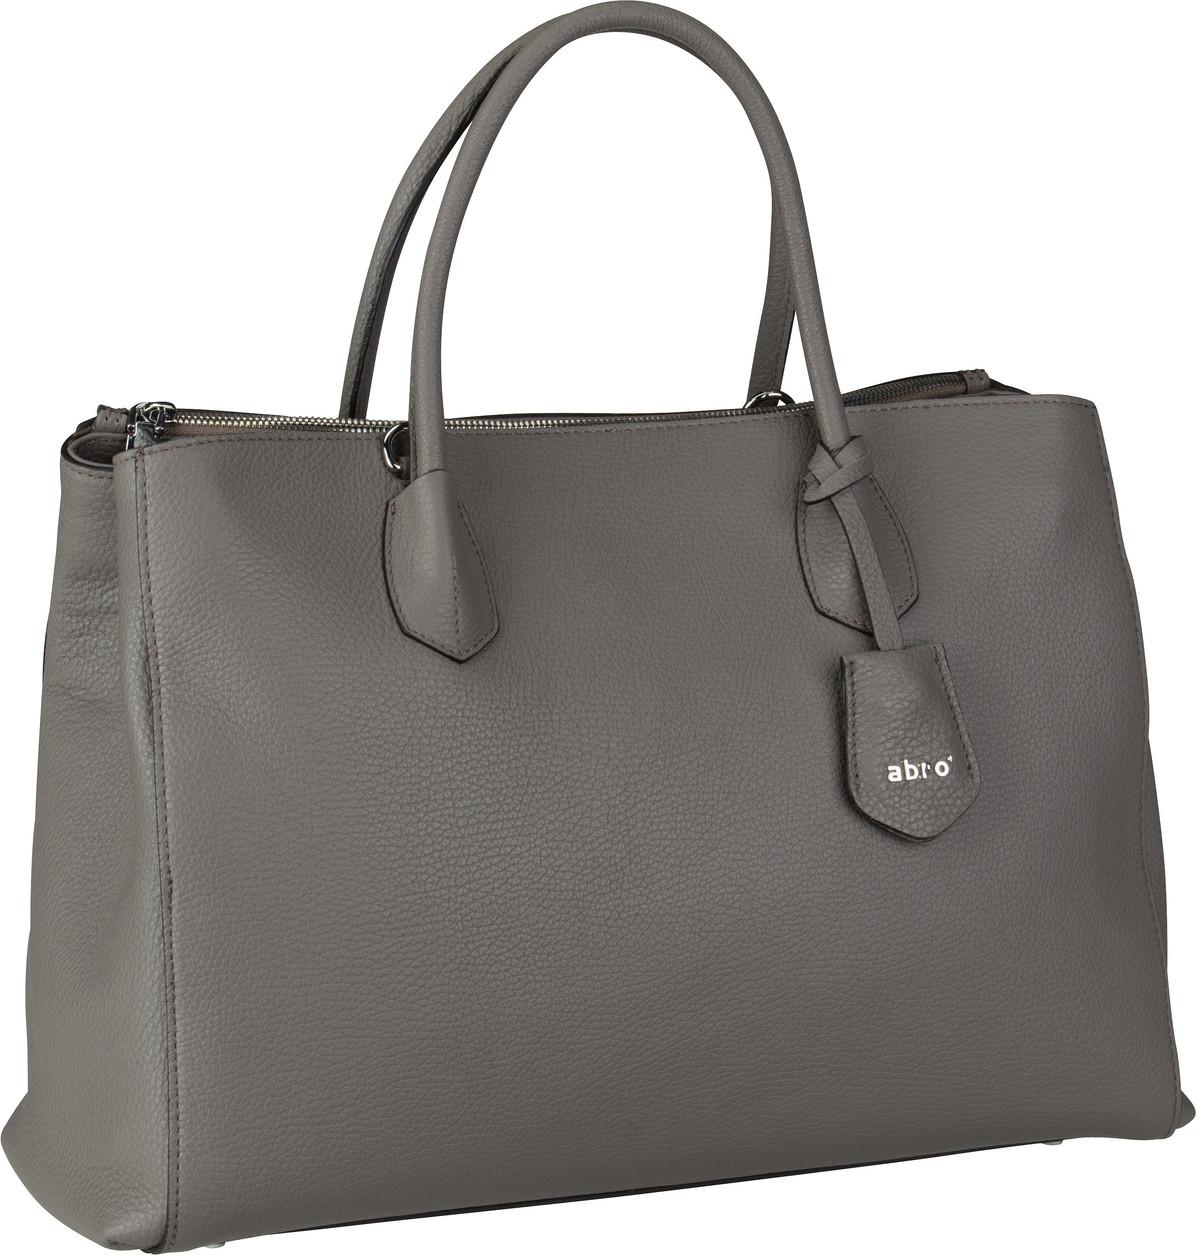 Handtasche Busy 28489 Zinc